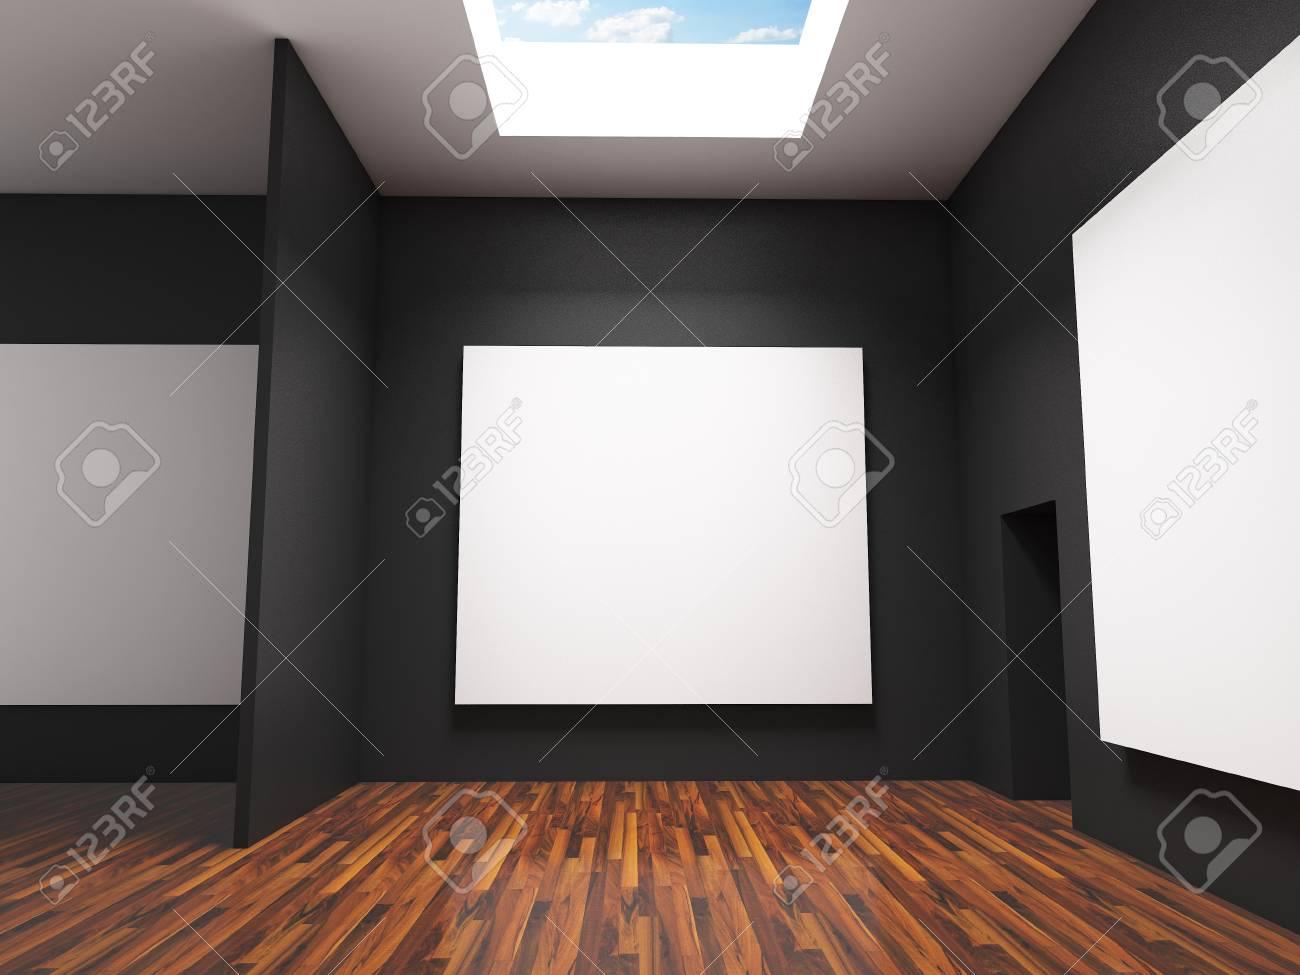 Chambre Avec Un Mur Noir intérieur de la chambre à vide avec de grandes toiles